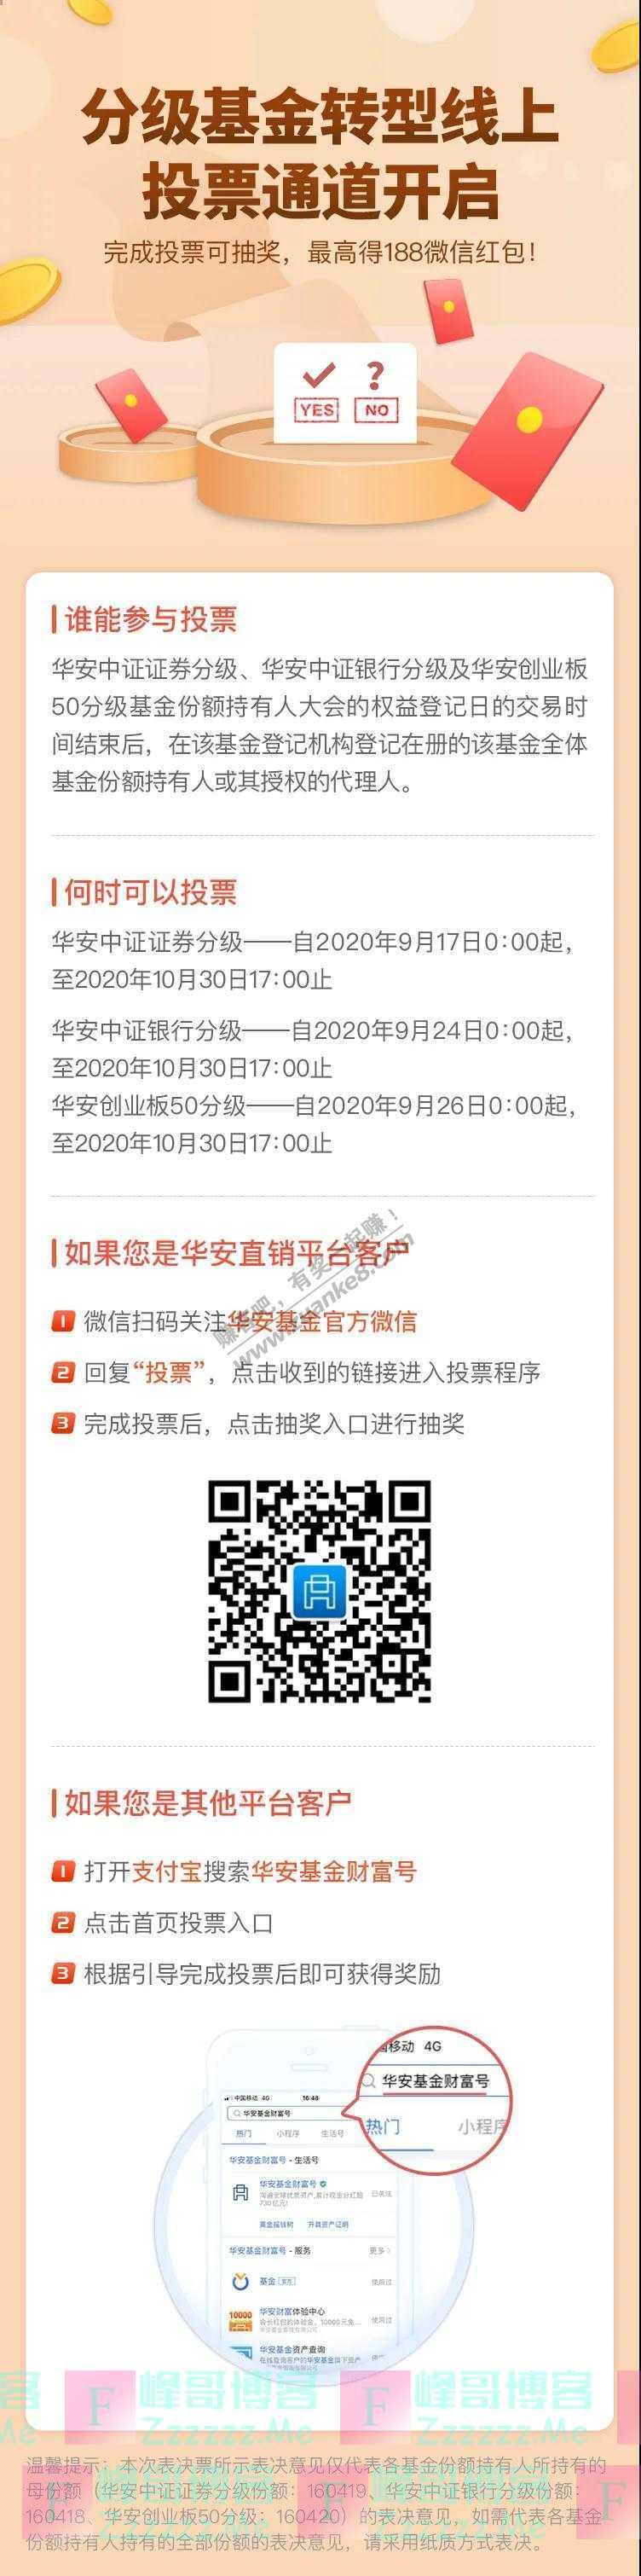 华安基金来投票,最高赢188微信红包!(截止10月30日)